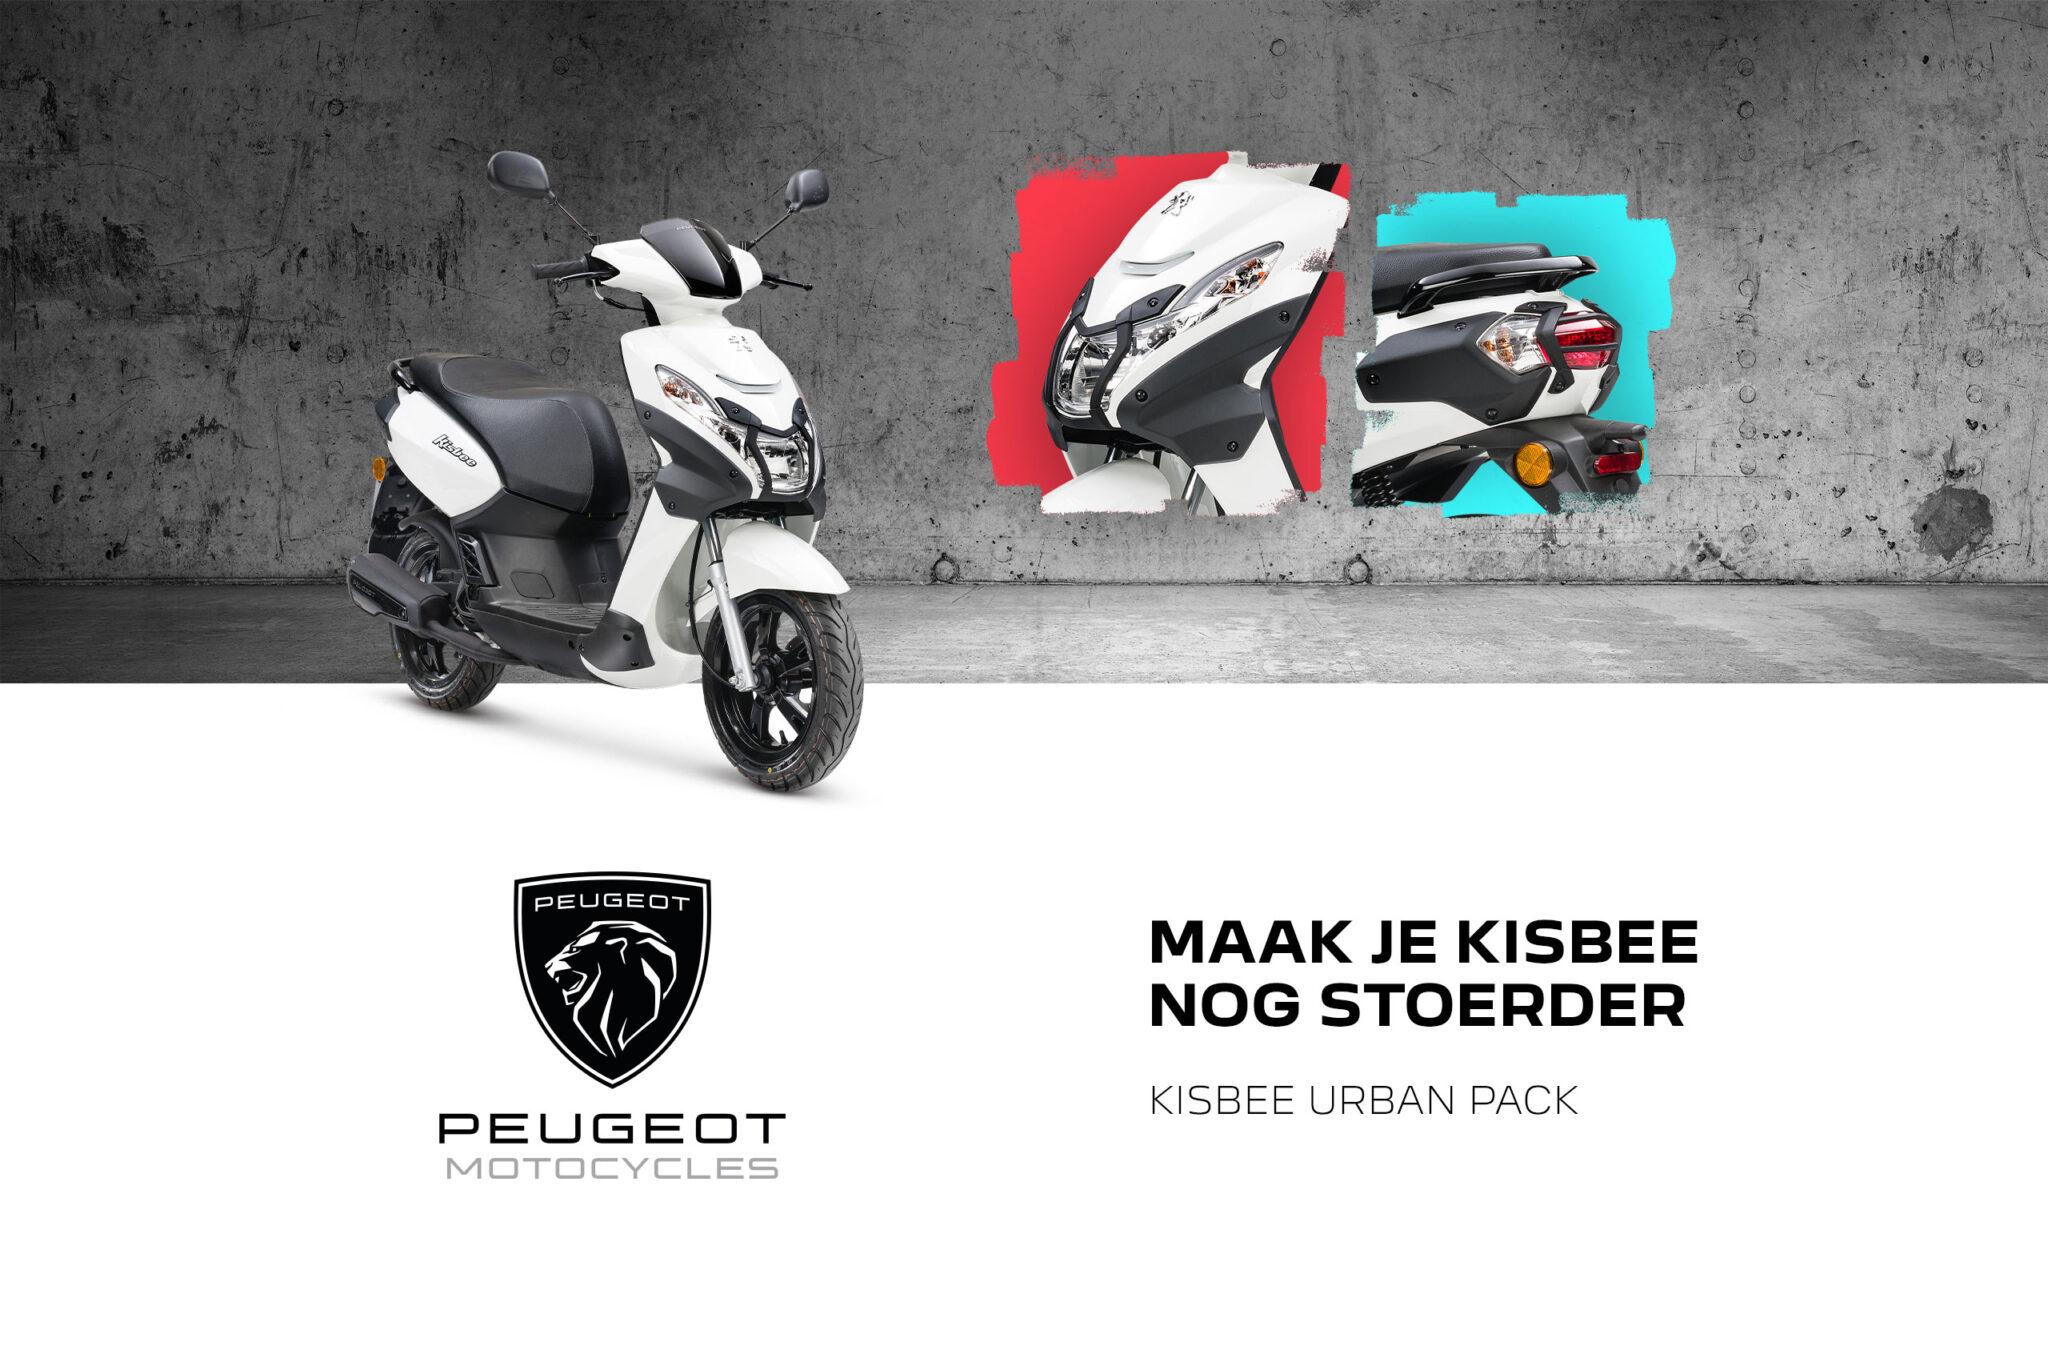 Peugeot Kisbee met dikke Urban Pack